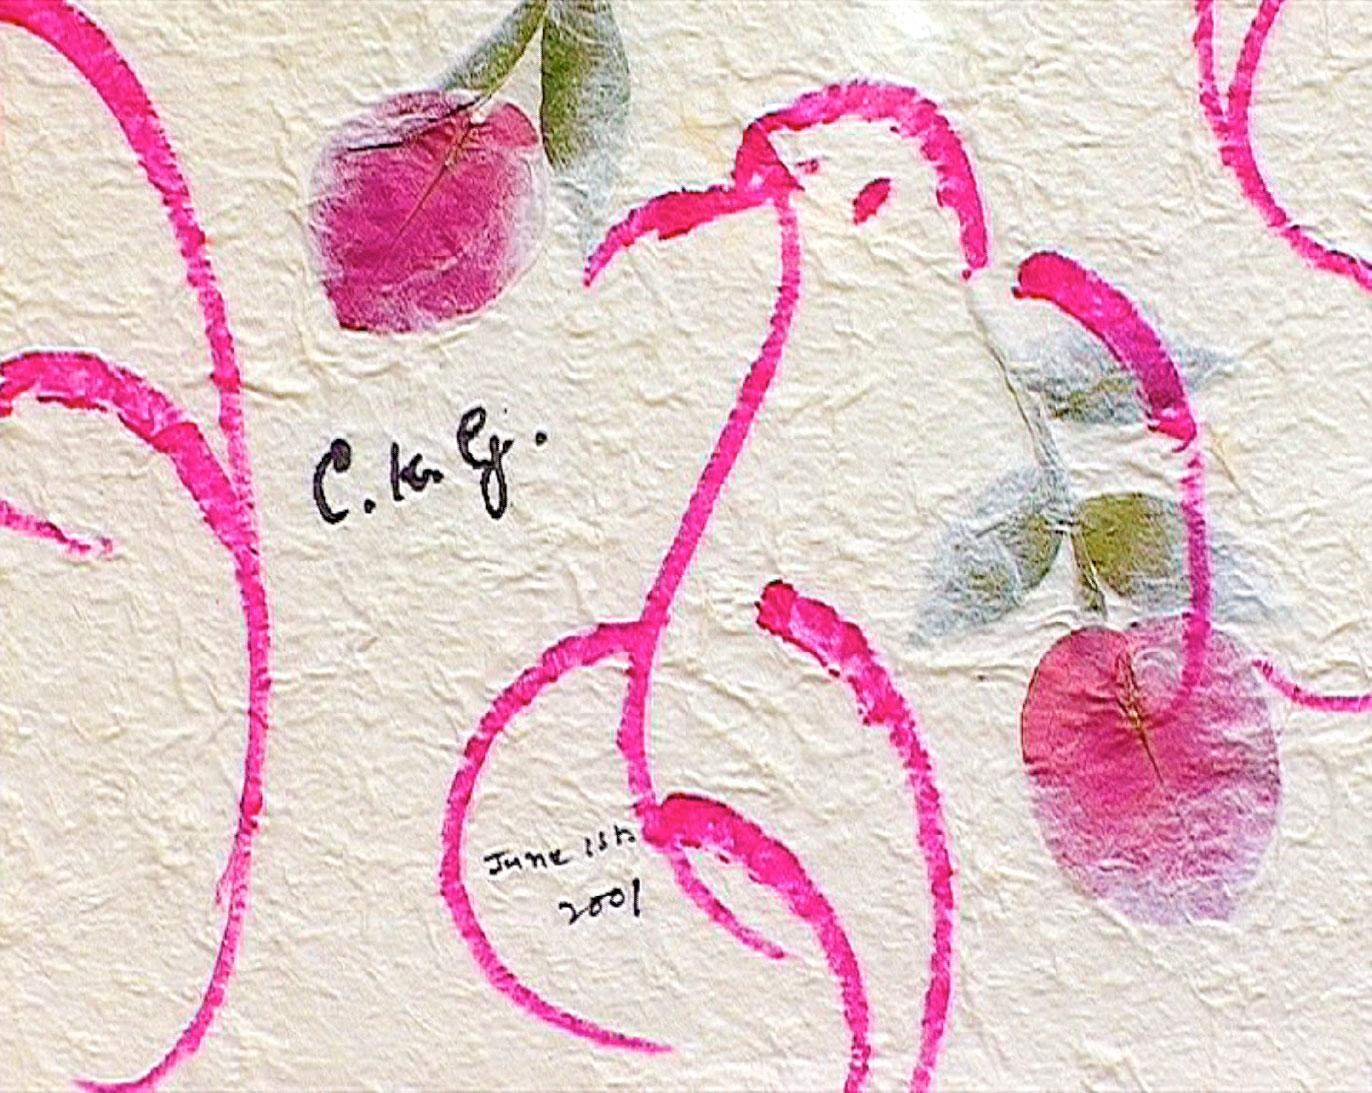 11-6-2001-sri-chinmoy